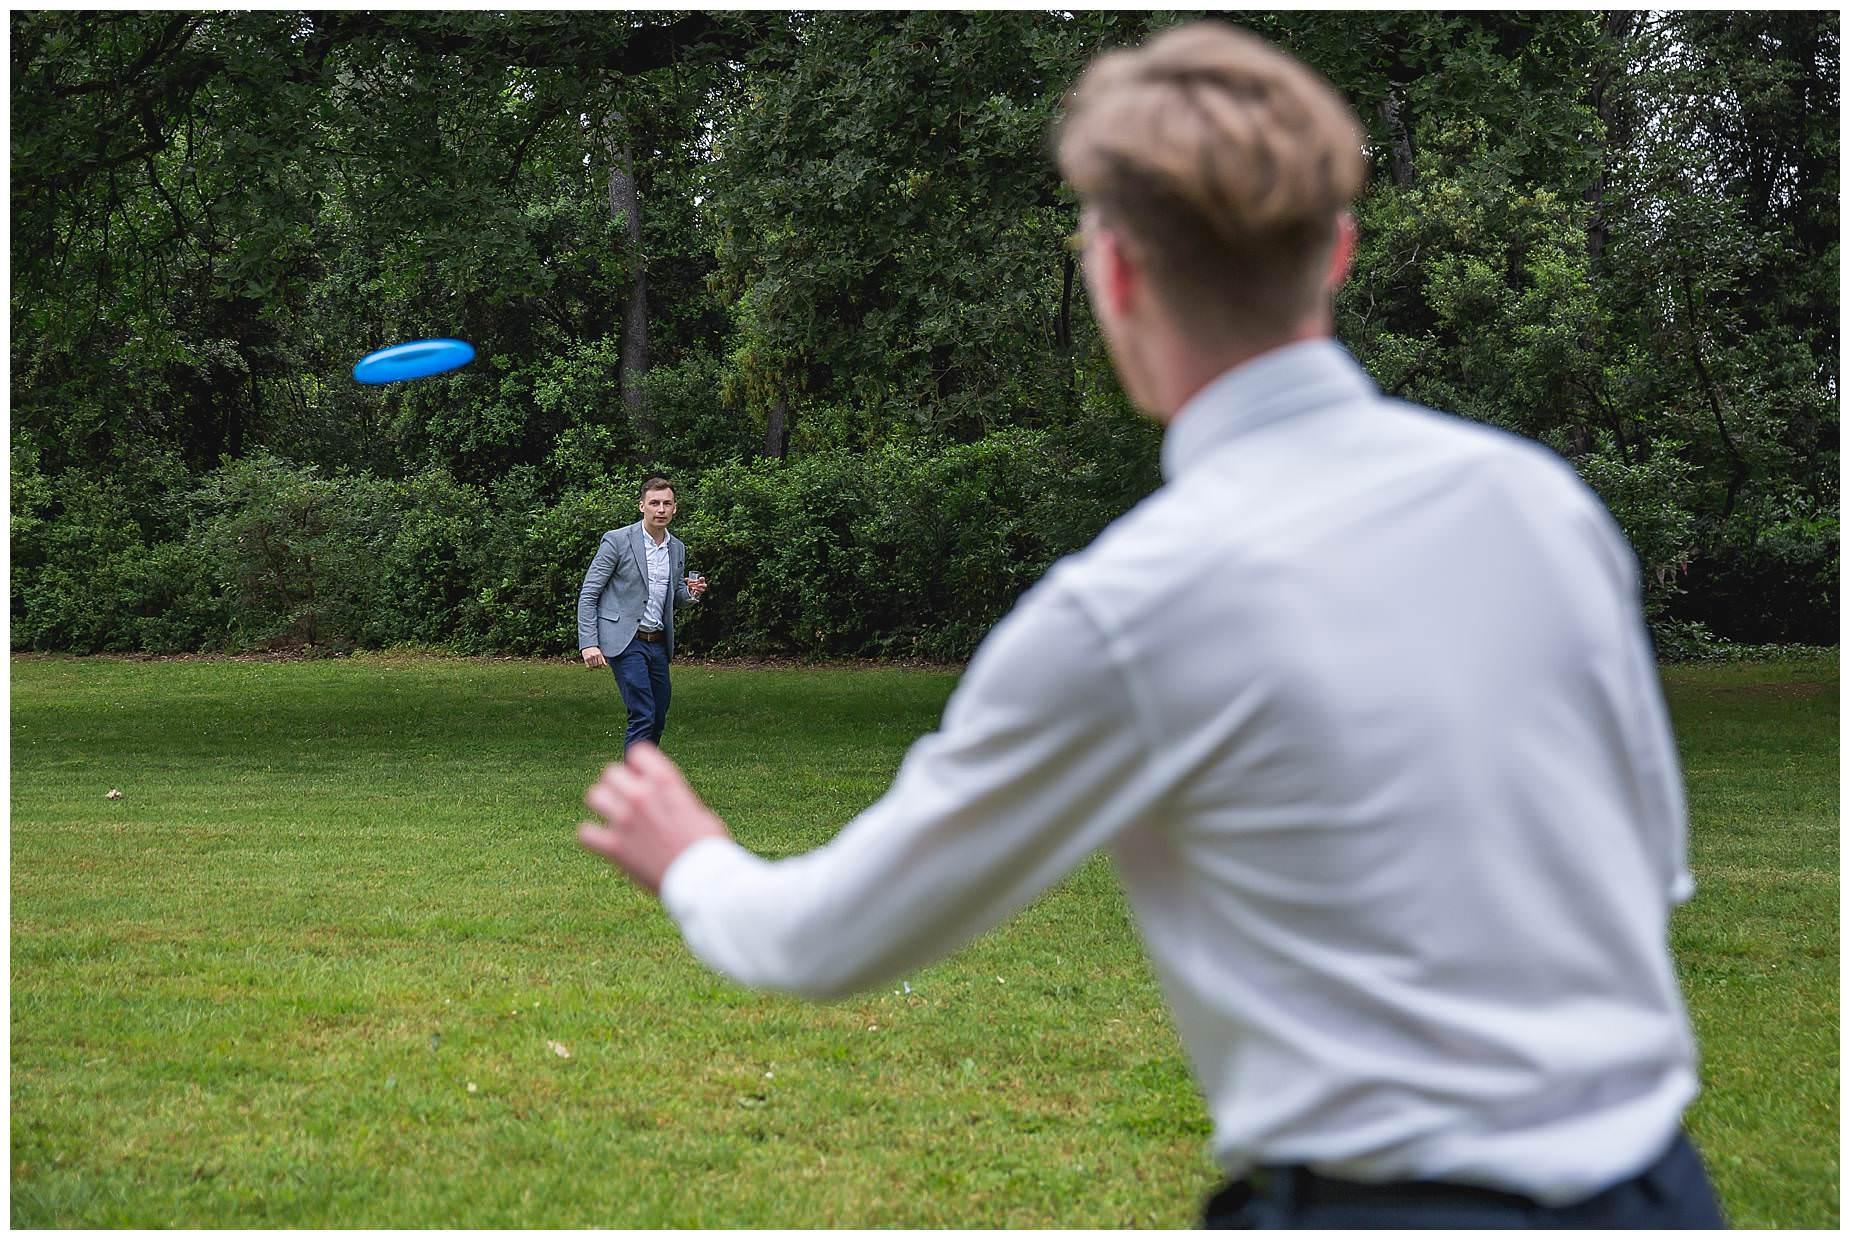 playing frizbee